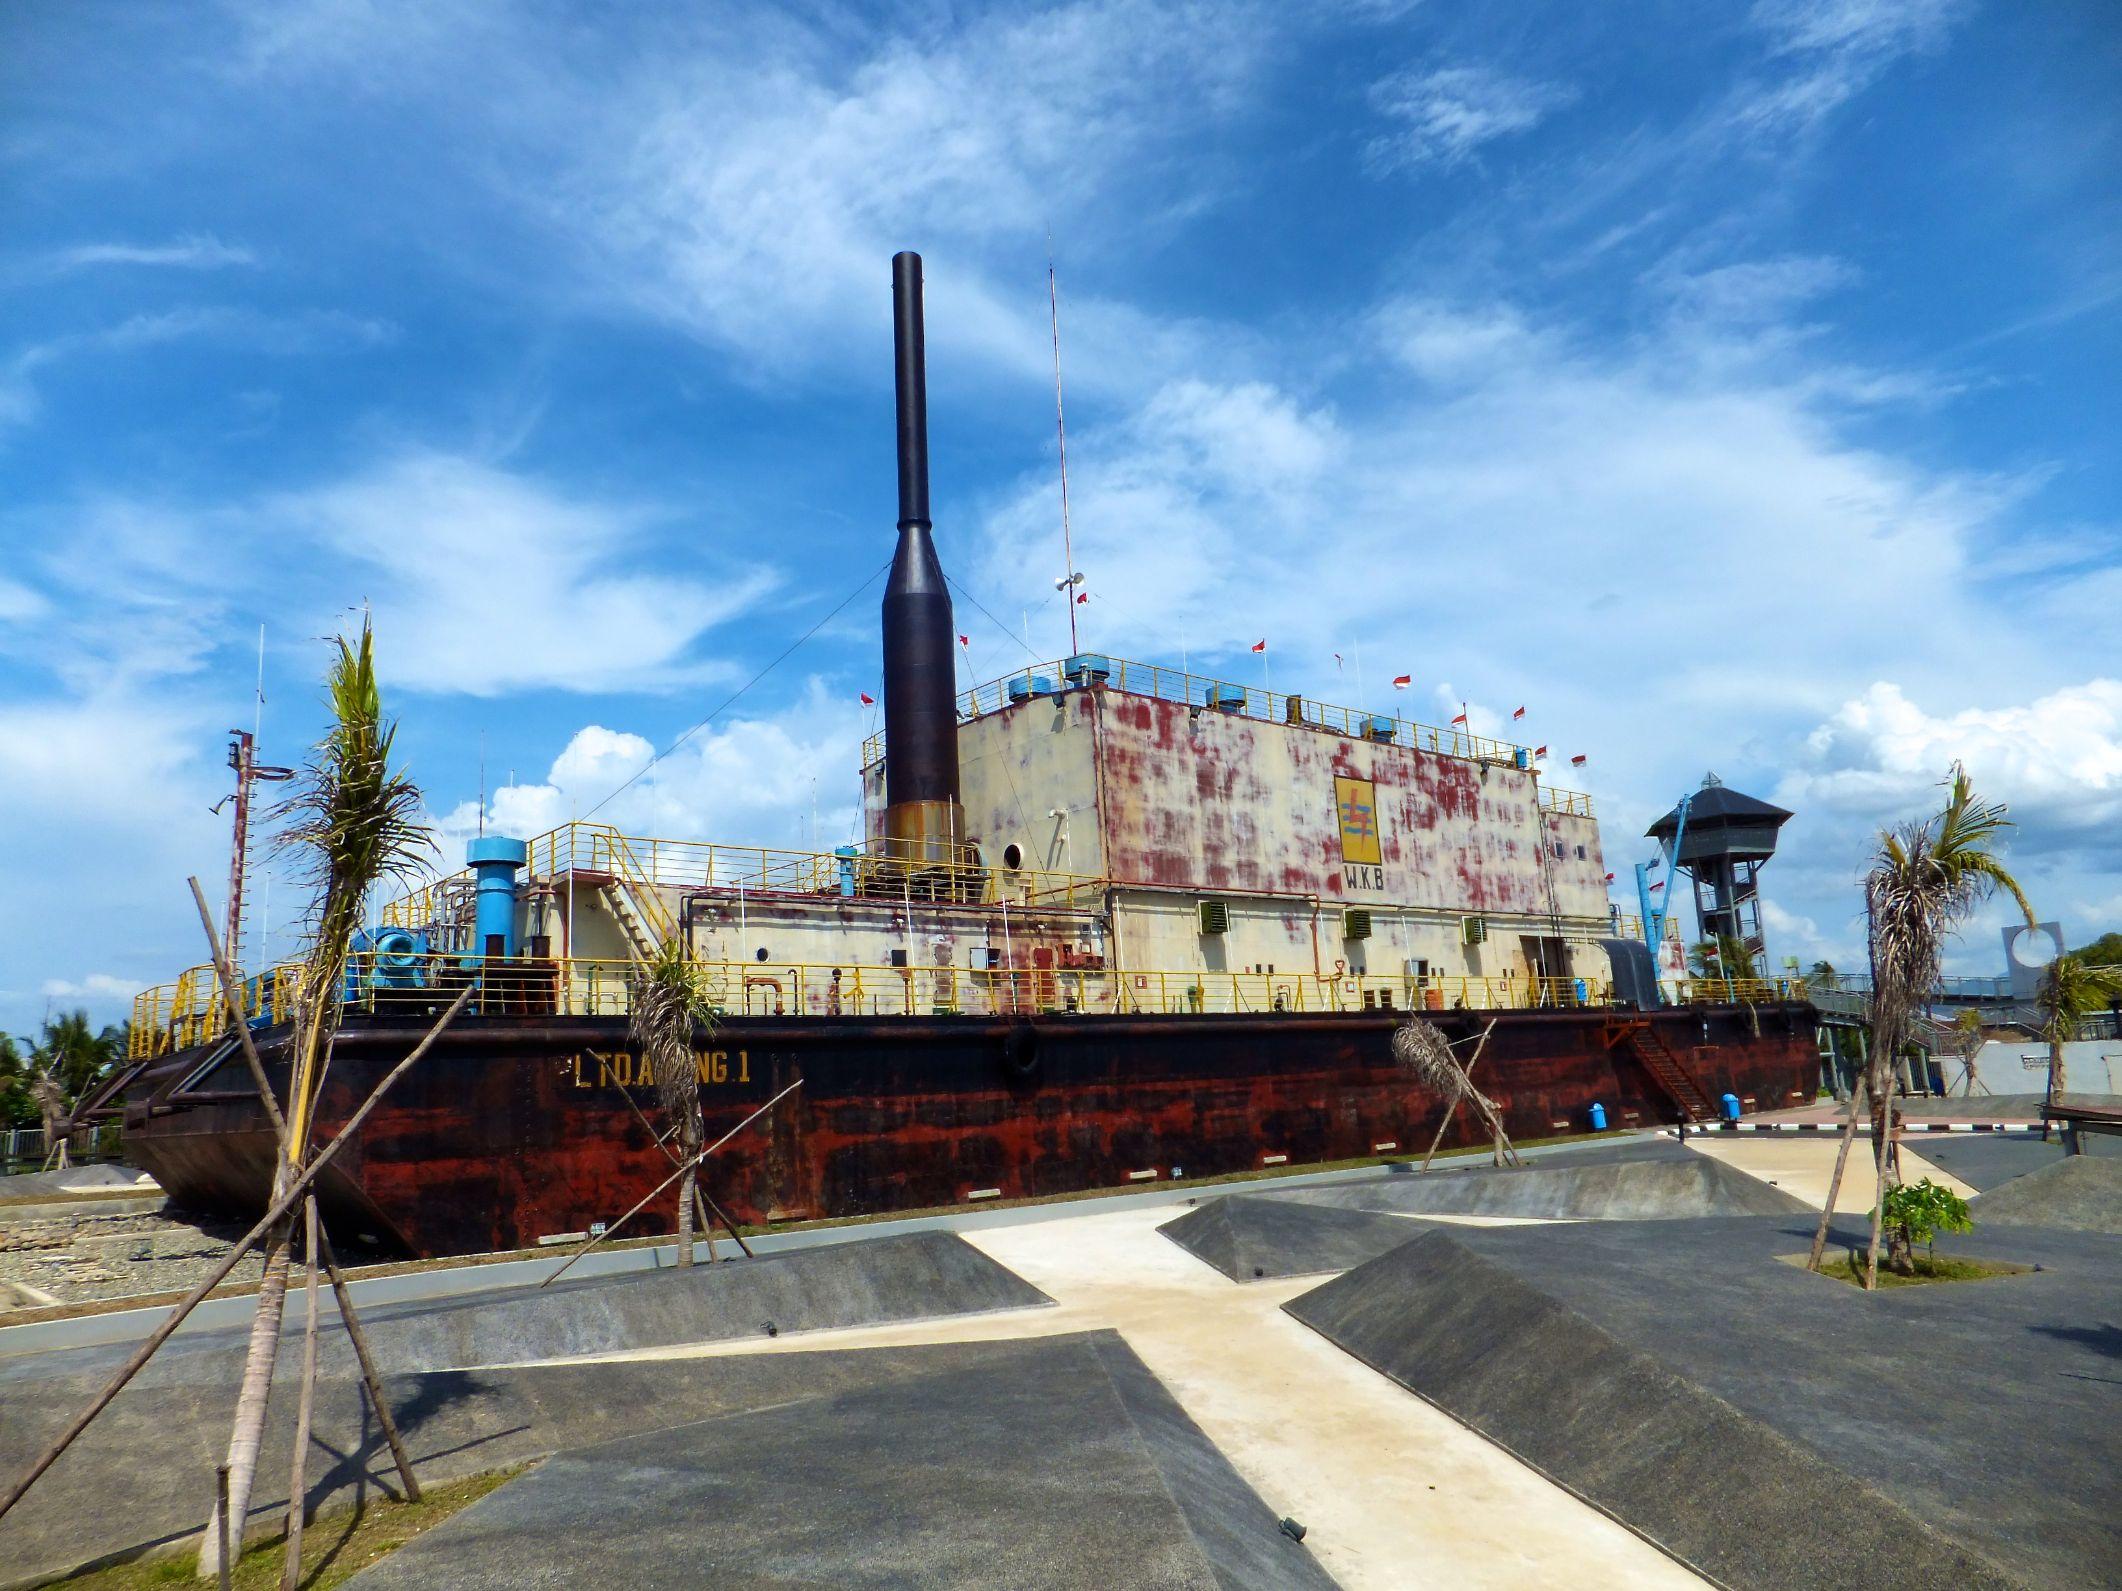 Überseeschiff mitten in Banda Aceh